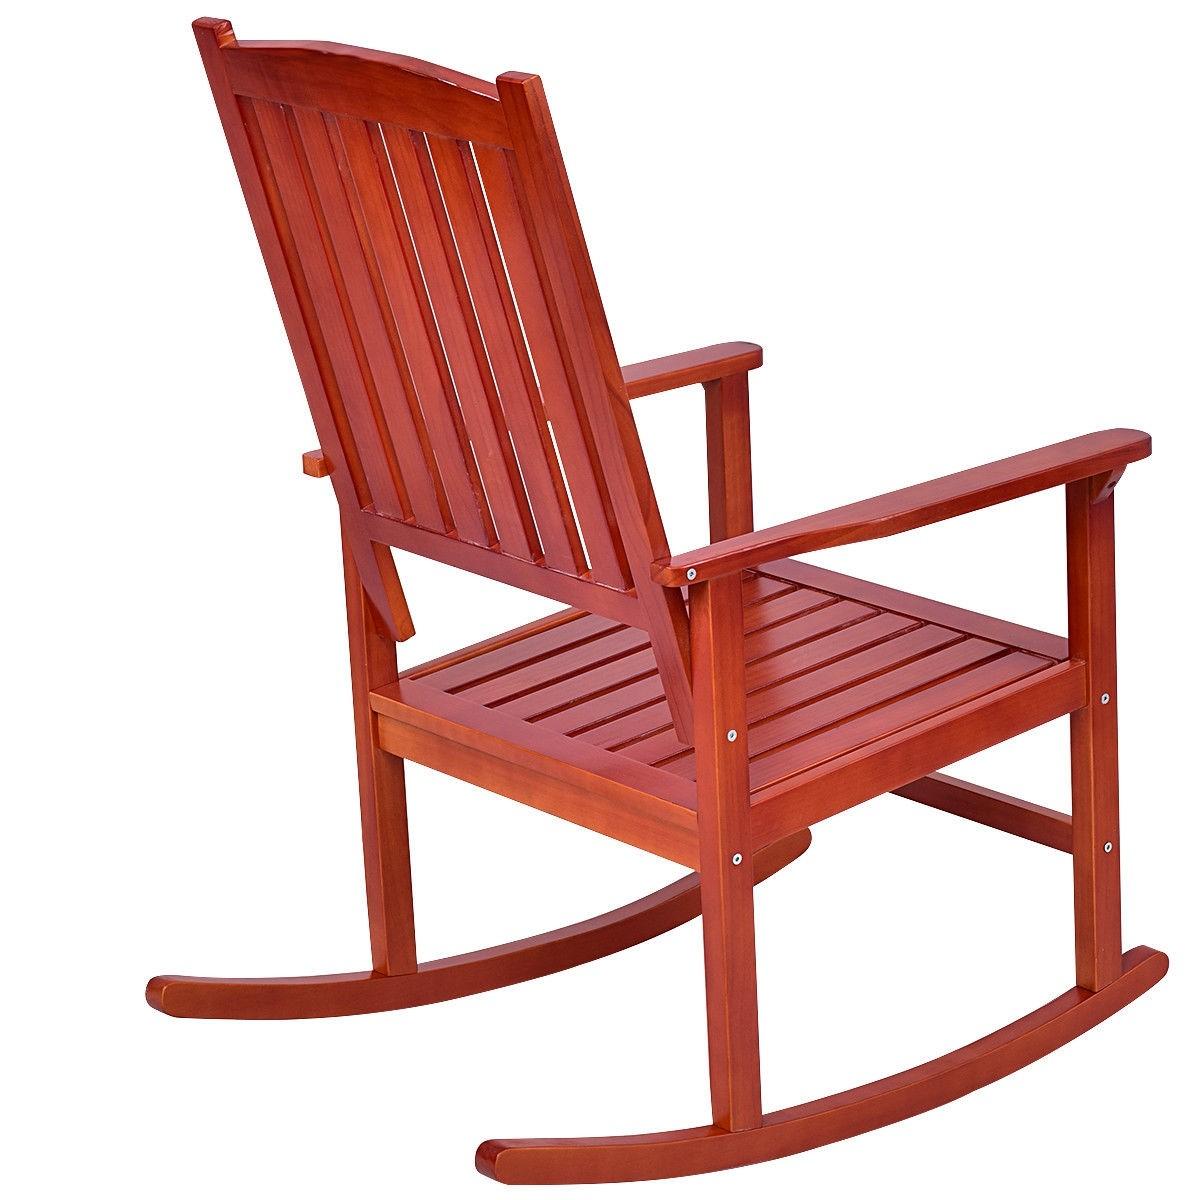 Set Of 2 Indoor Outdoor Deck Wood Rocking Chair